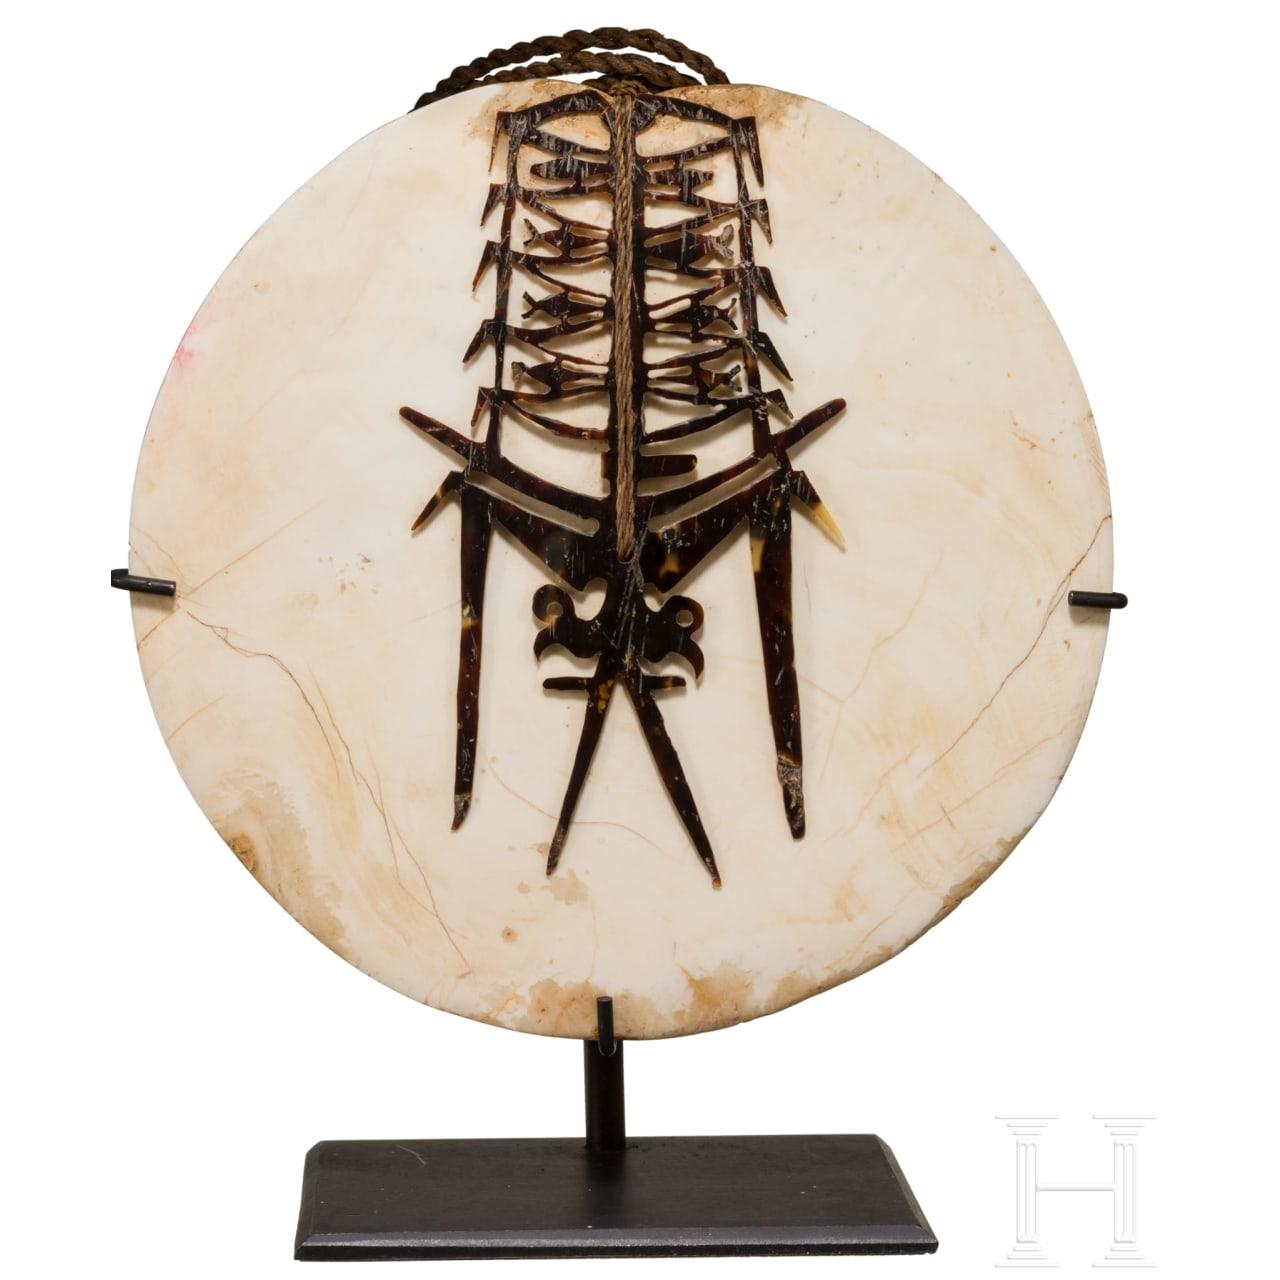 A Papua New Guinean Kap Kap pendant